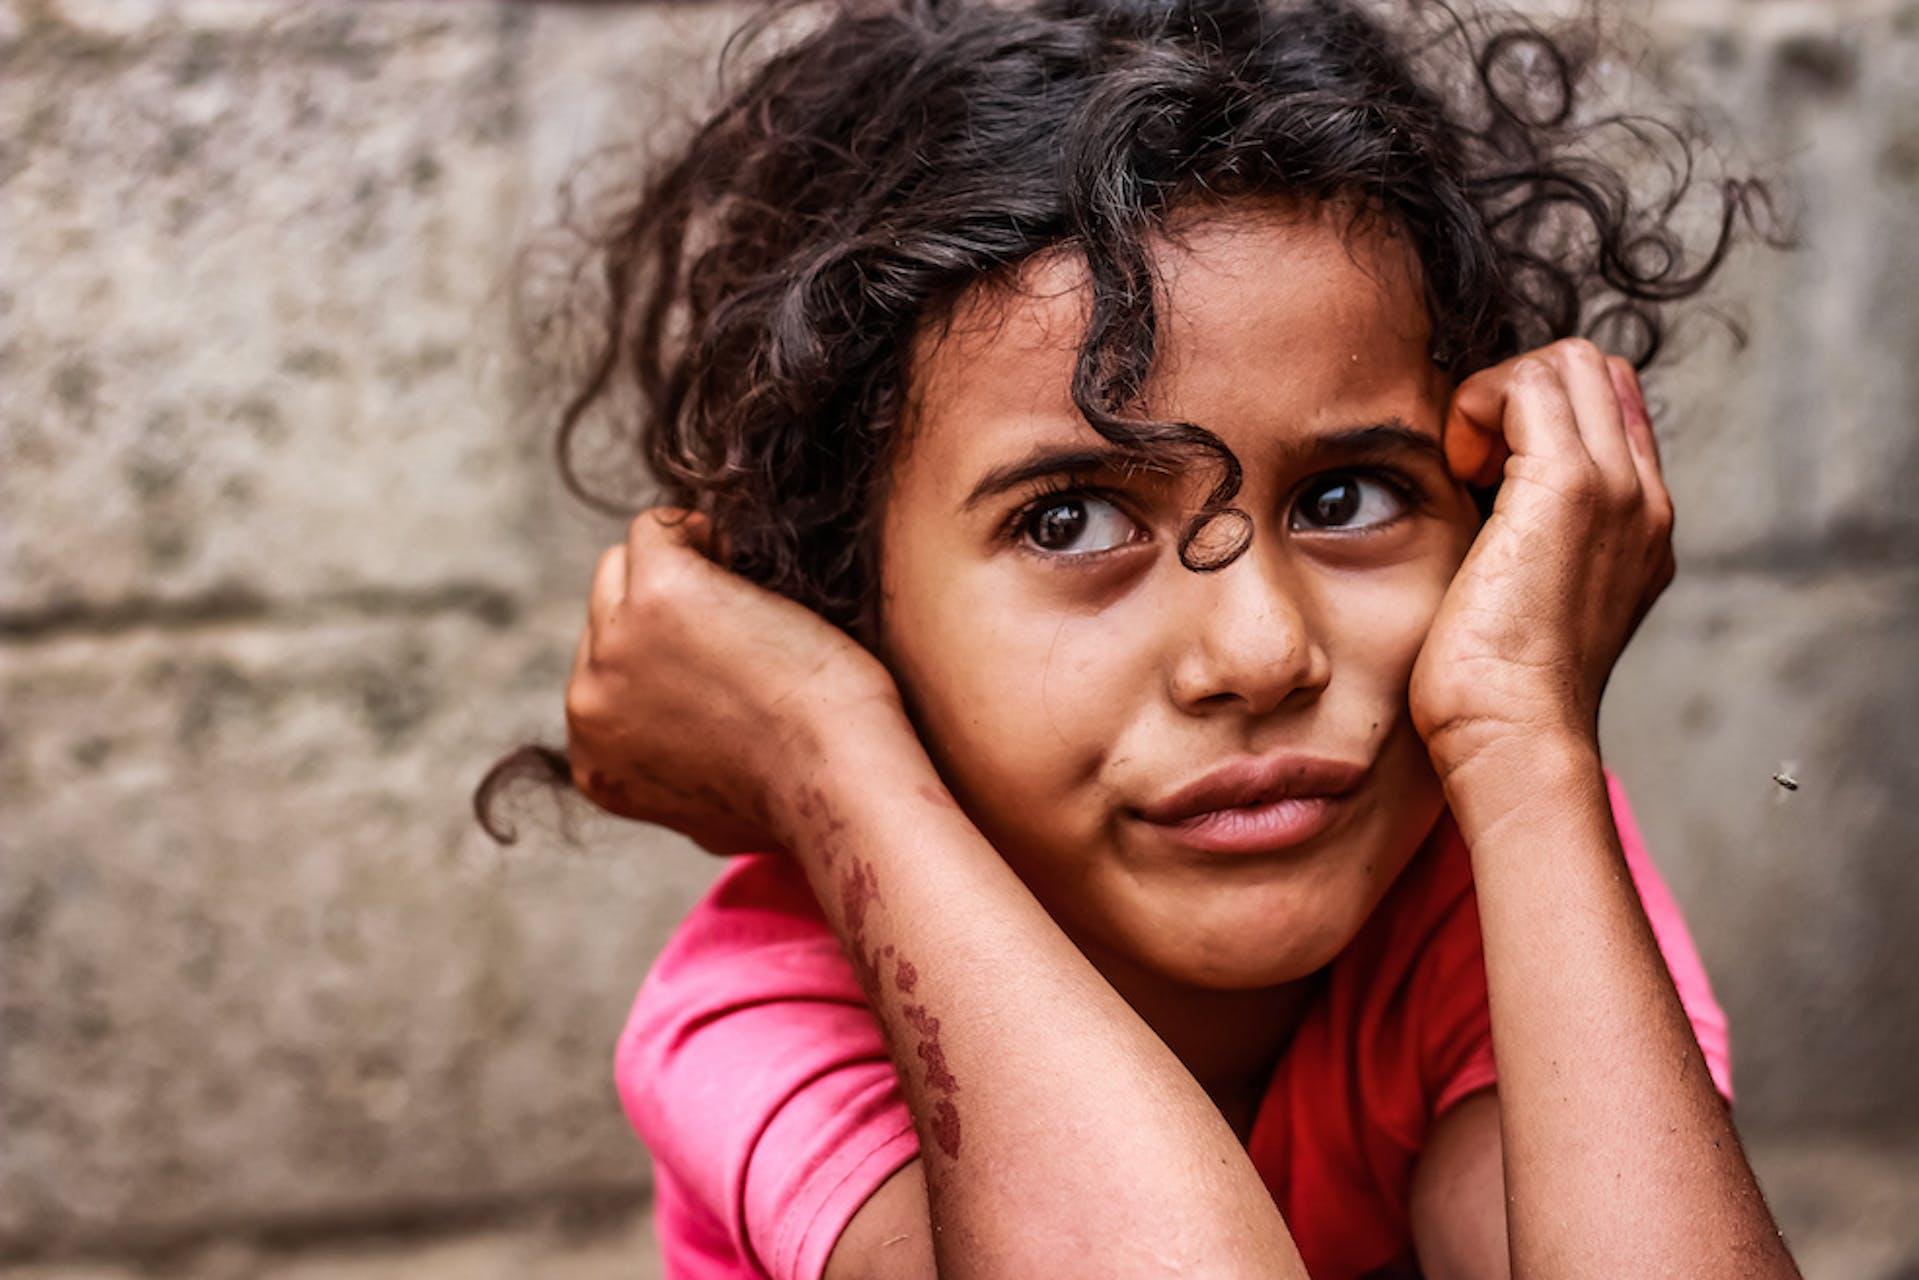 Suffering in Silence kleines Mädchen mit Locken pinkes T-Shirt